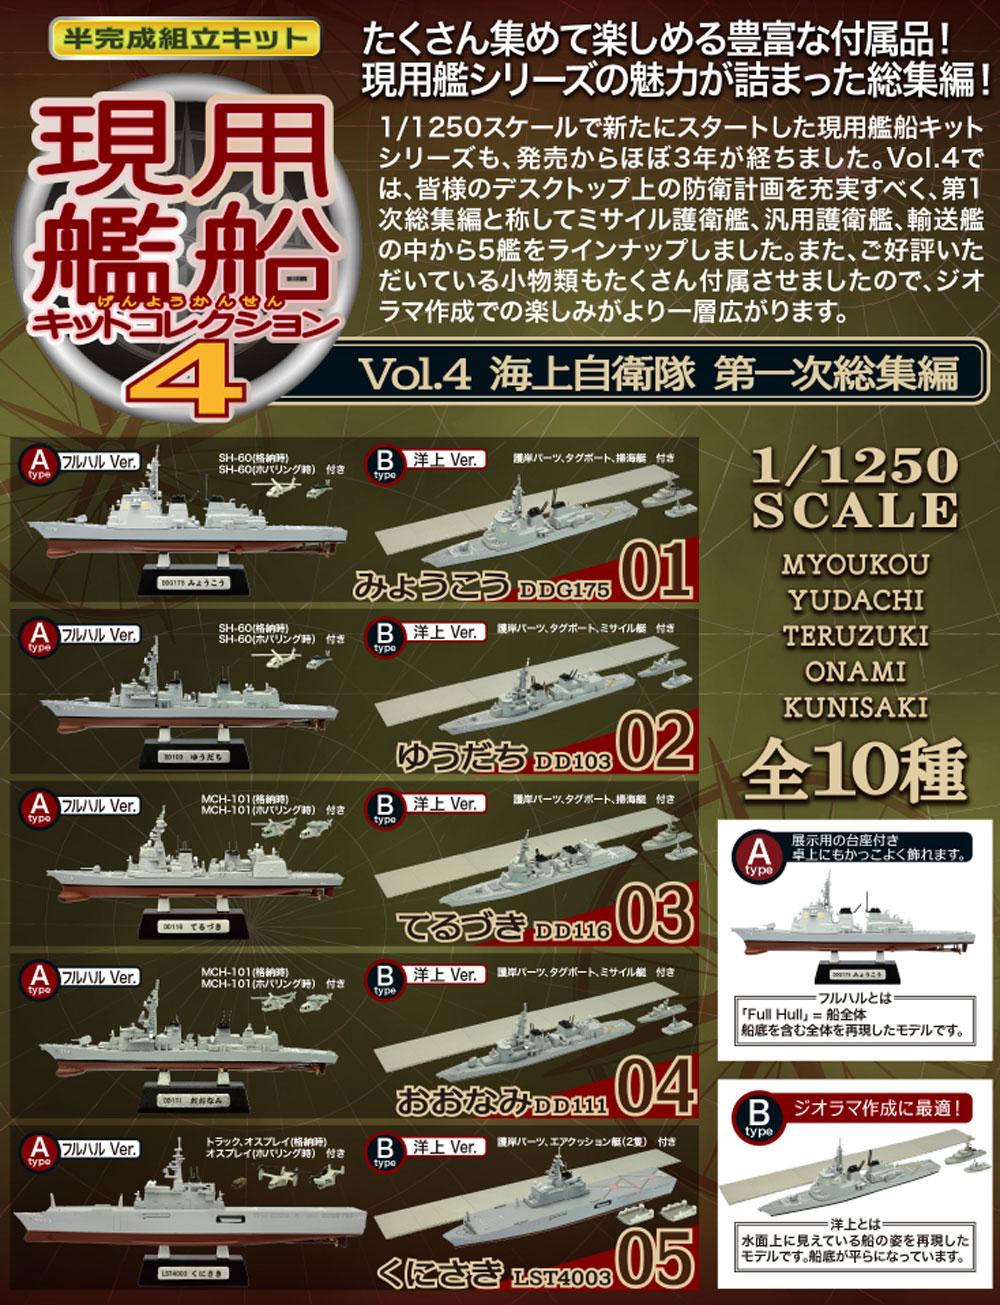 現用艦船キットコレクション Vol.4 海上自衛隊 第一次総集編 (1BOX)プラモデル(エフトイズ現用艦船キットコレクションNo.FT60300)商品画像_2